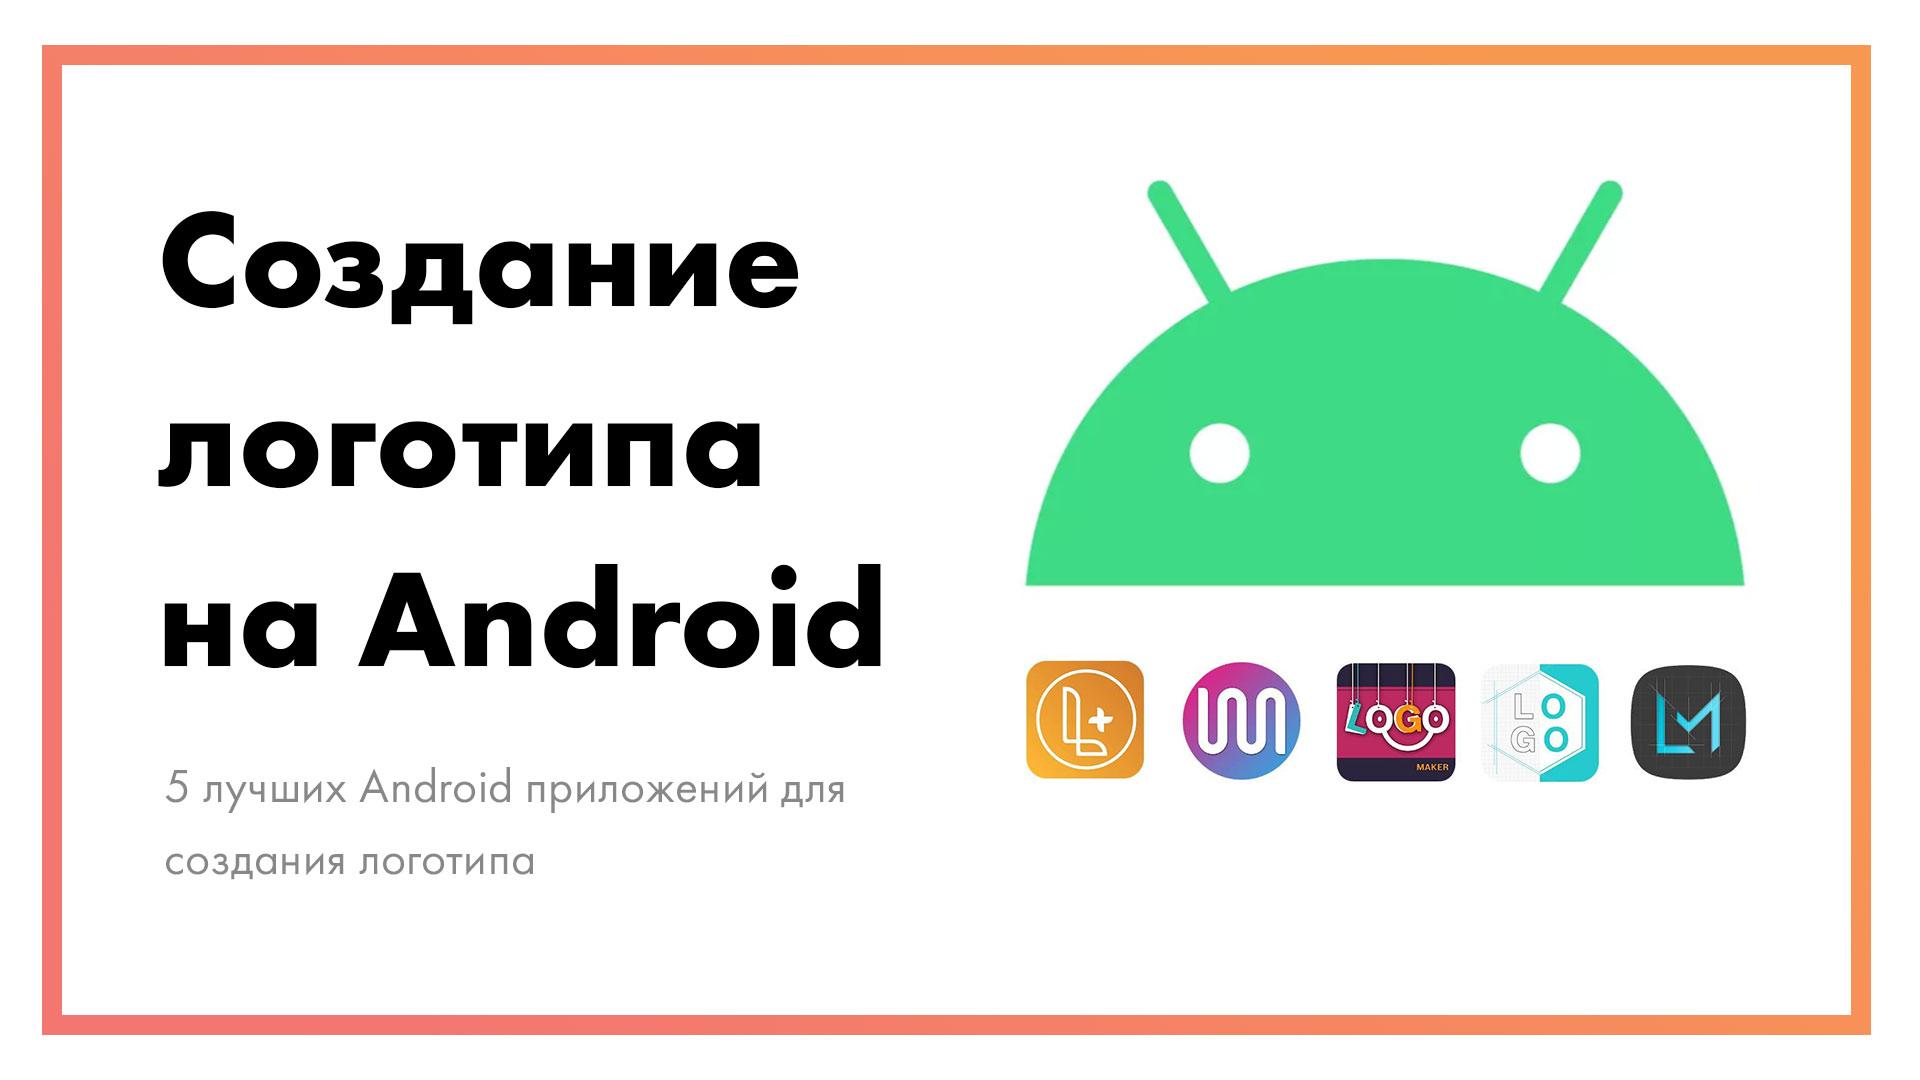 5-лучших-Android-приложений-для-создания-логотипа-_-Сравнение-программ.jpg